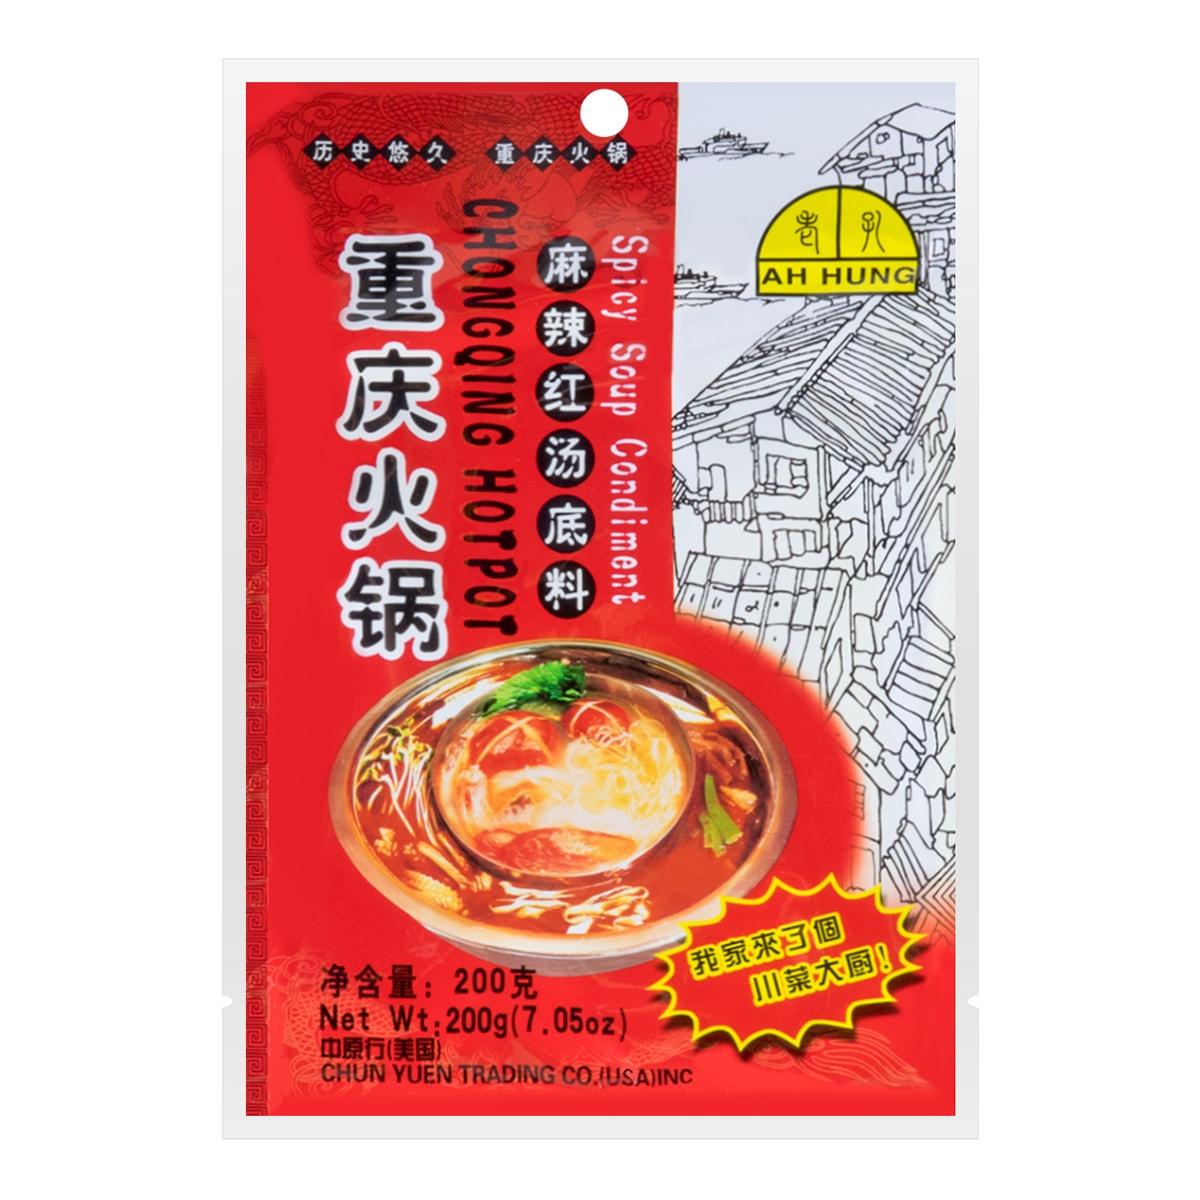 重庆老孔 重庆火锅 麻辣红汤底料 200g